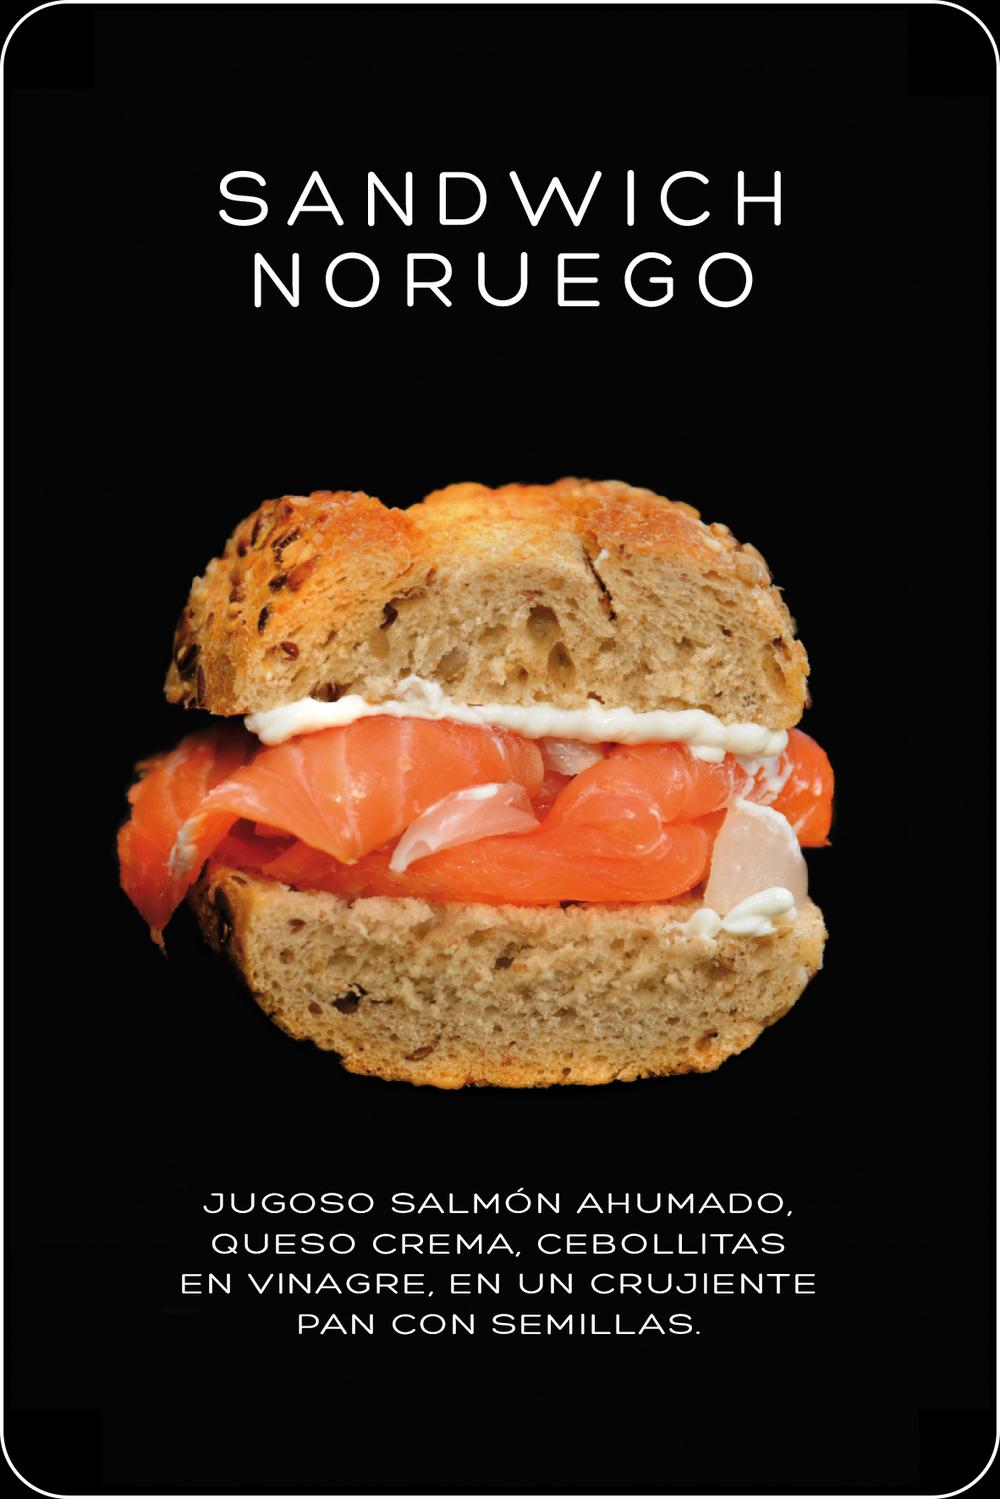 NORUEGO+BORDE.jpg